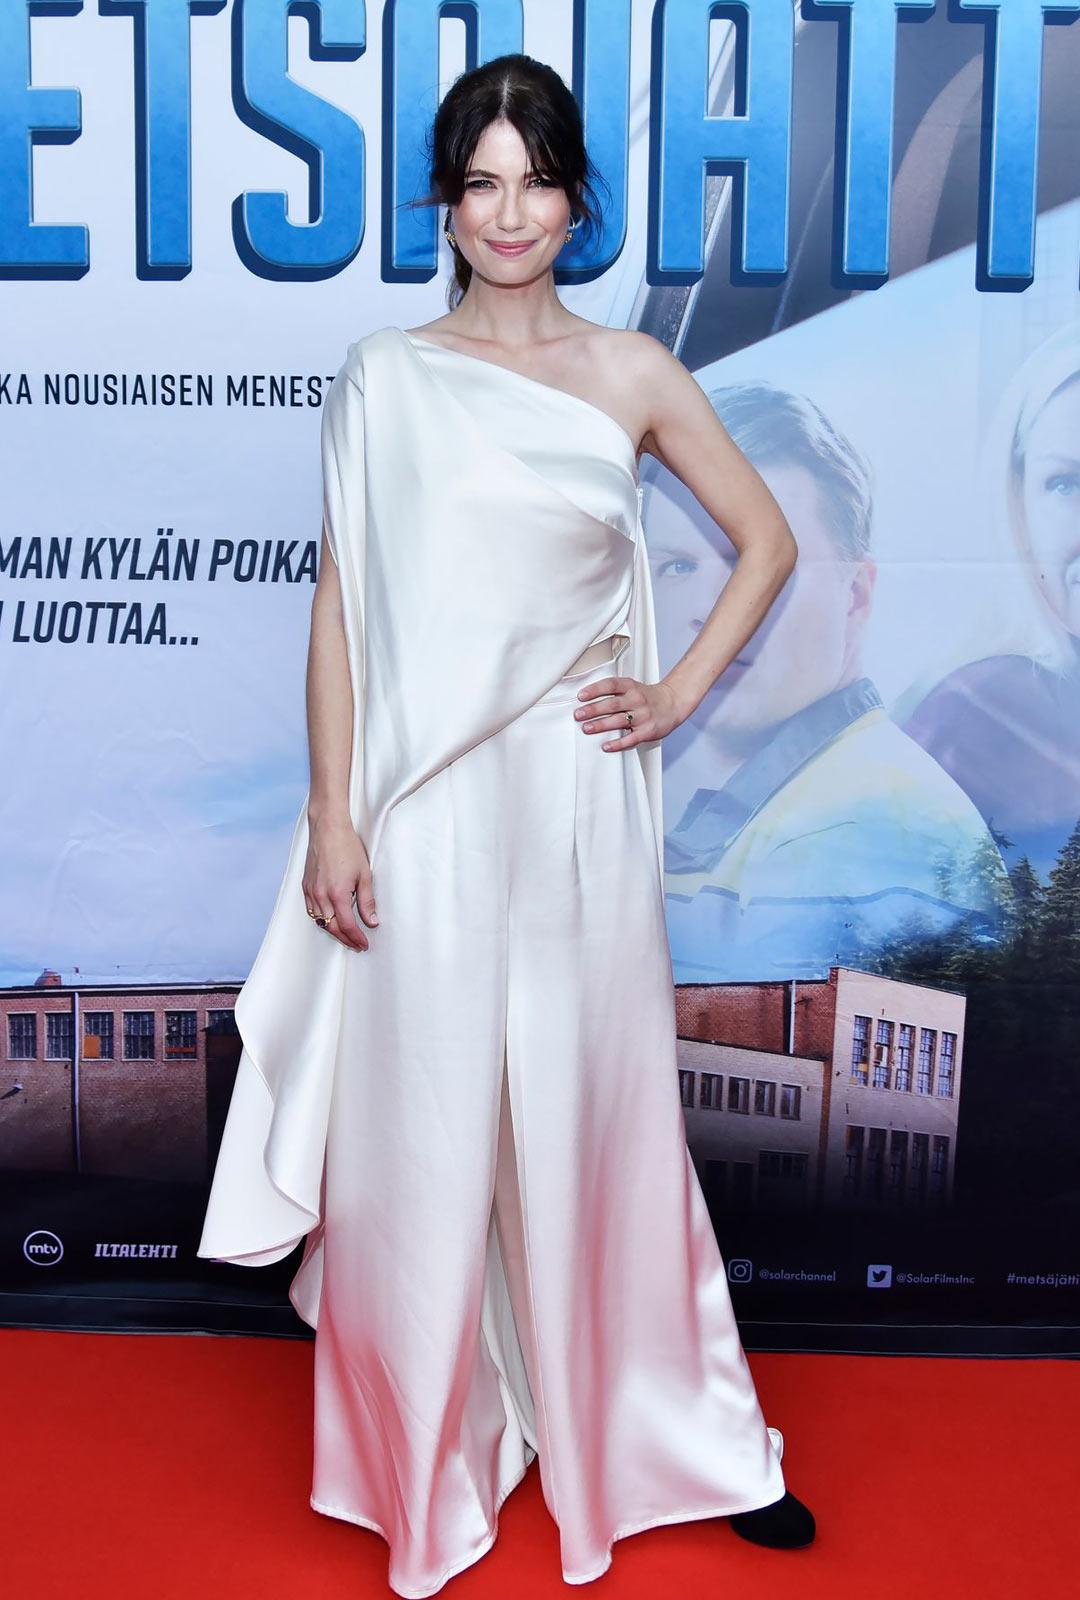 Näyttelijä Sara Soulié oli kesällä perheensä kanssa Tanskassa.